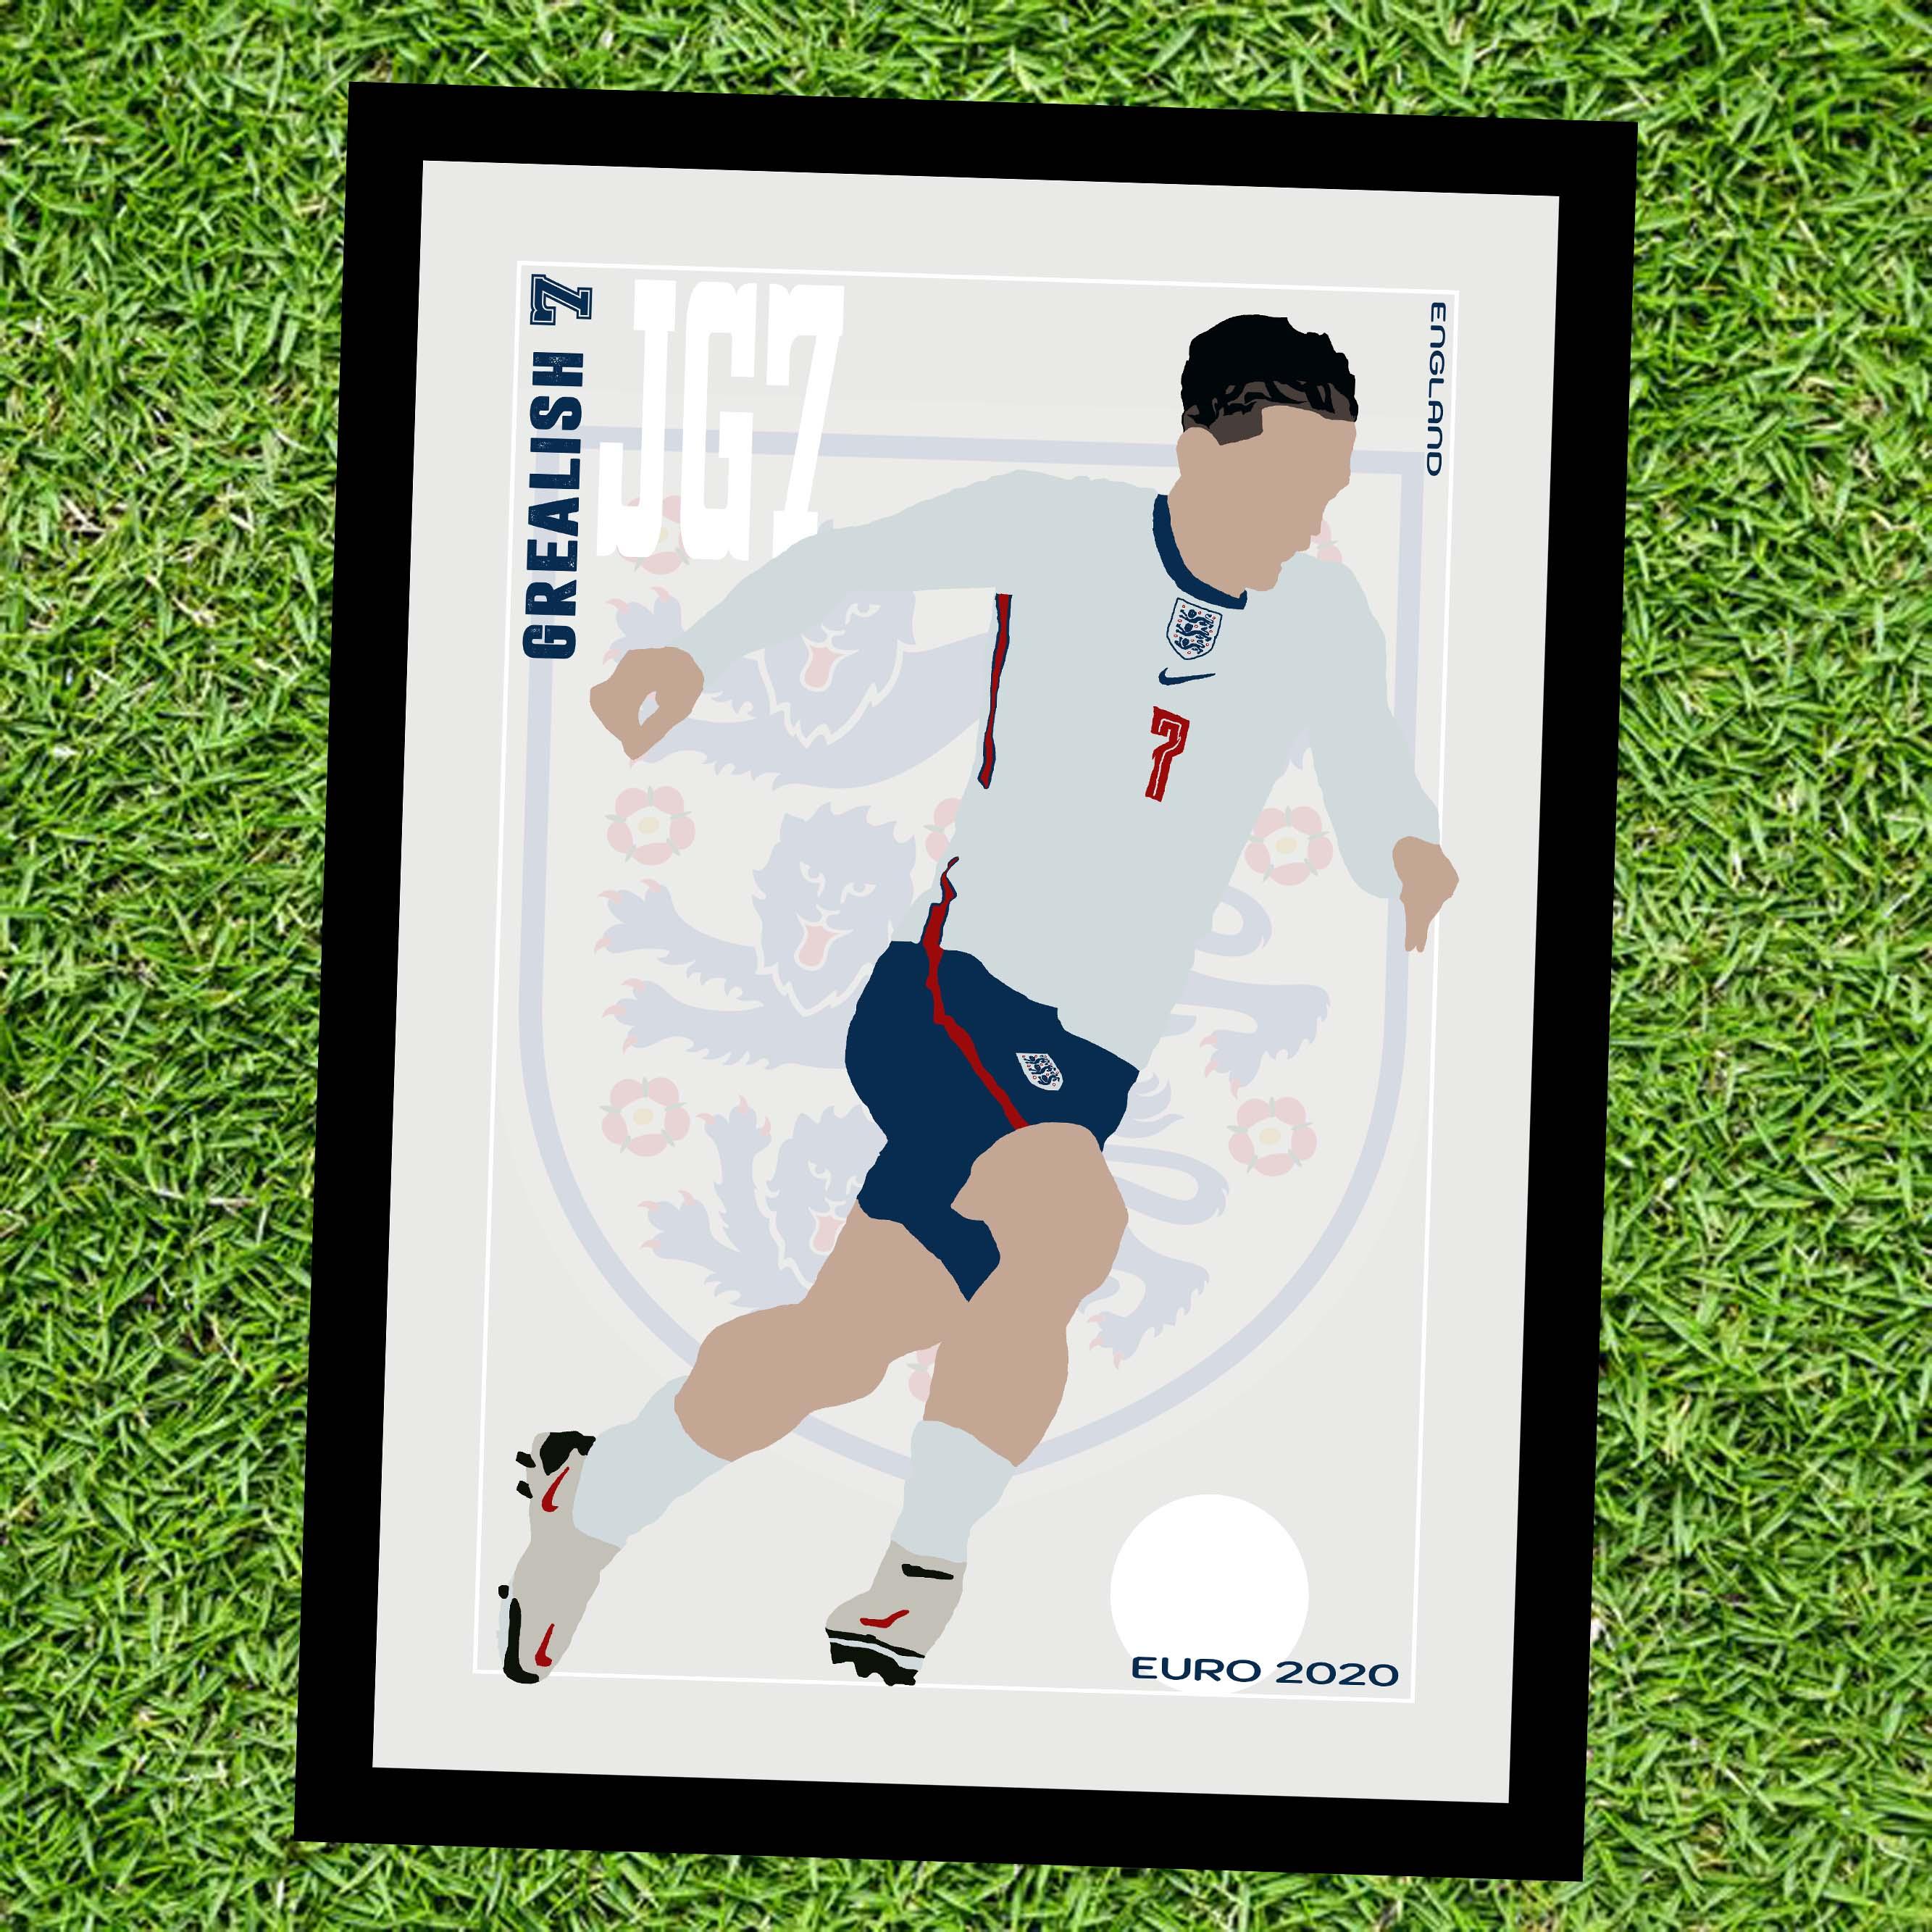 Jack Grealish - Framed - on grass. Part of MaadWeb's Euro 2020 Series. JG7